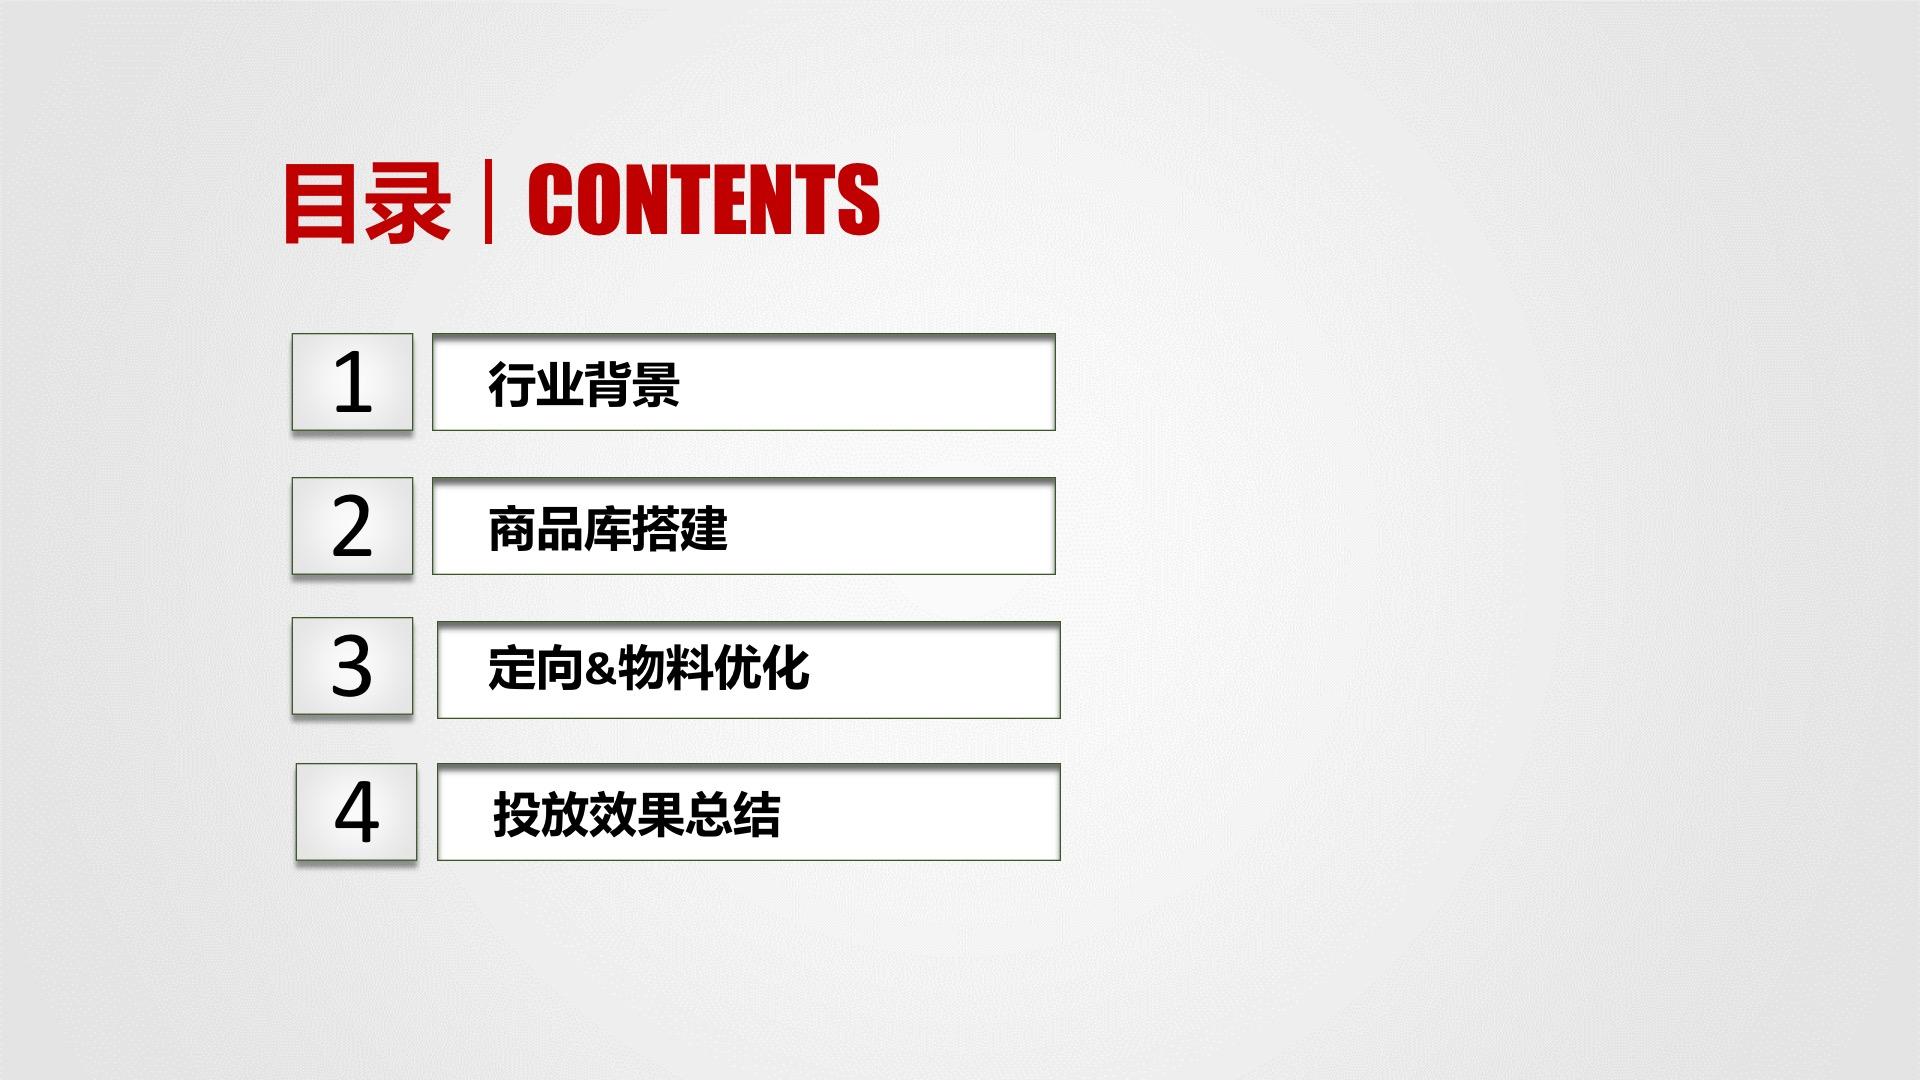 上苏+sh上海贝服+房产家居+张波.jpg